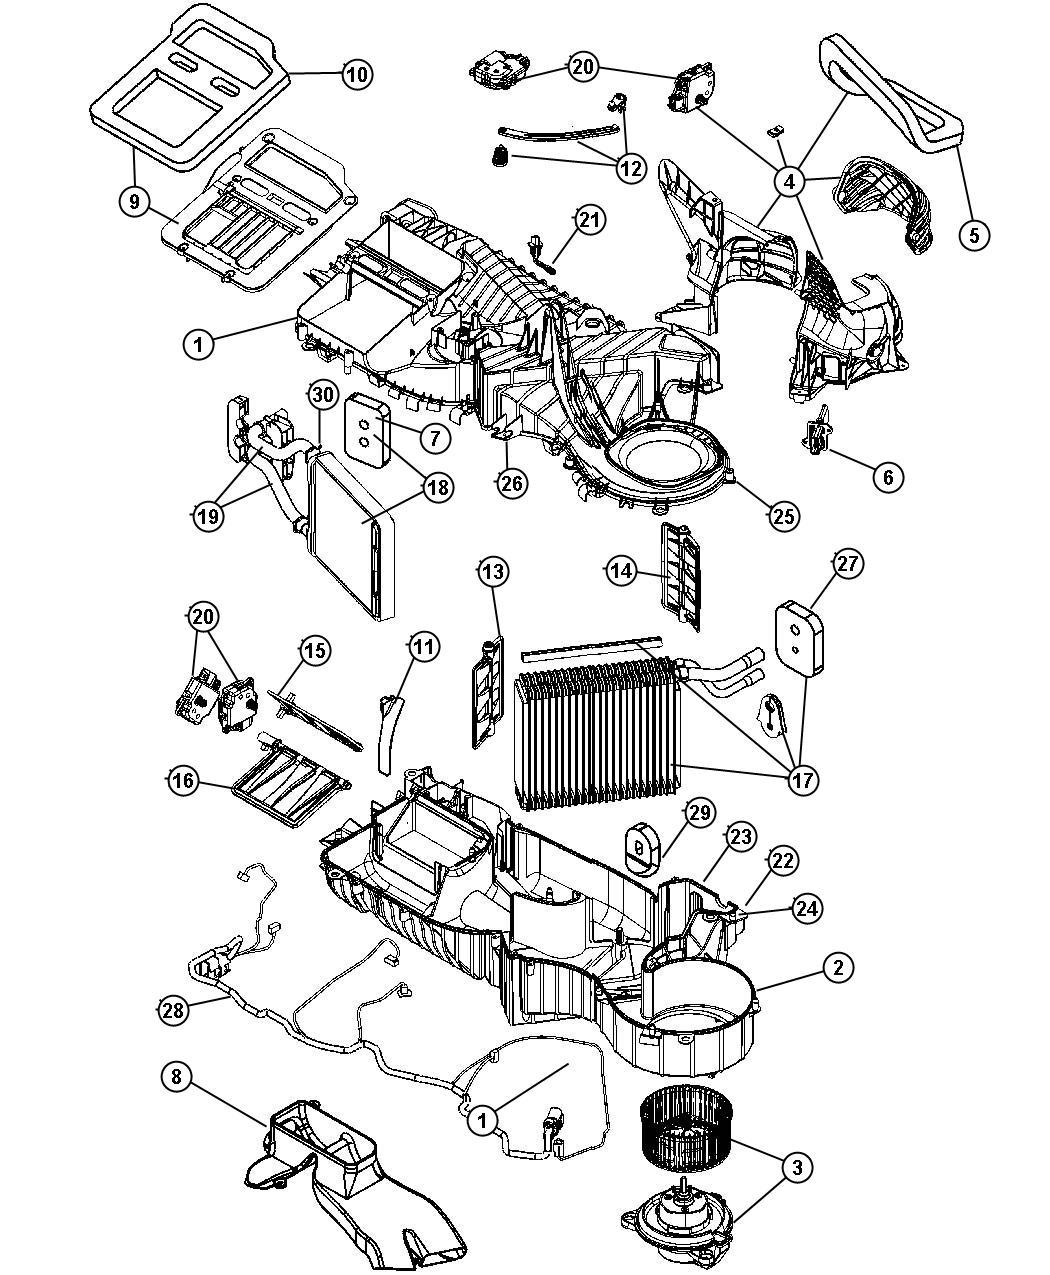 Dodge Dakota Evaporator Air Conditioning Heater